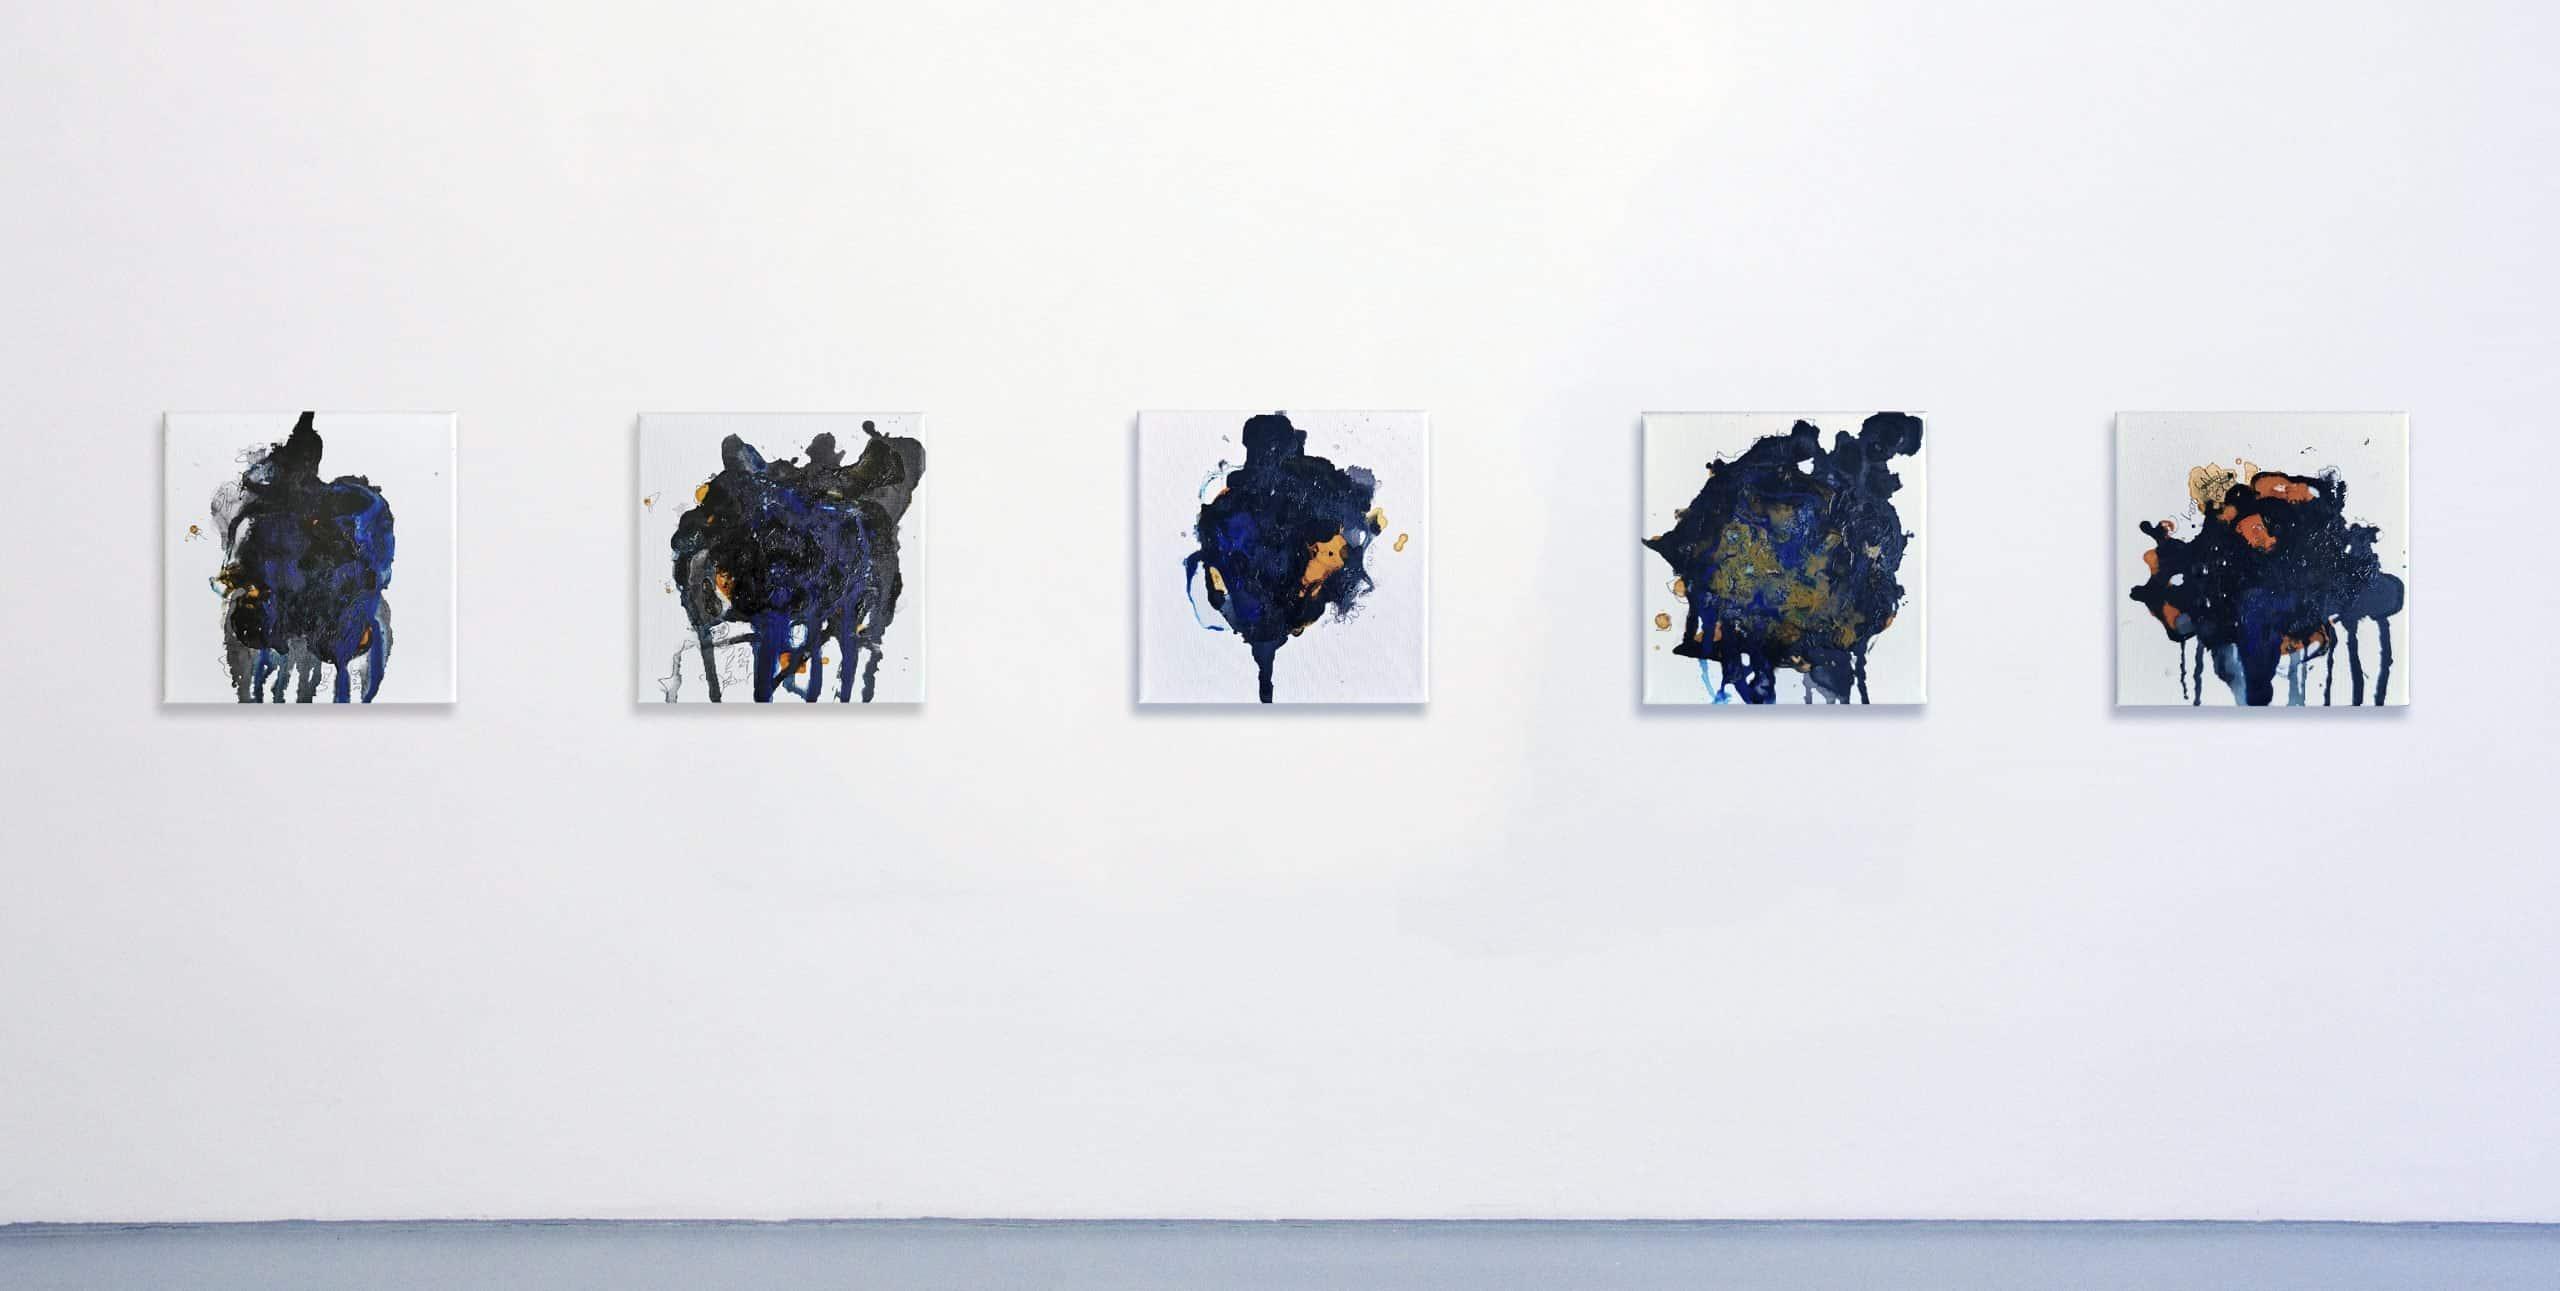 Galerie_Wand_schmal_DIVOC